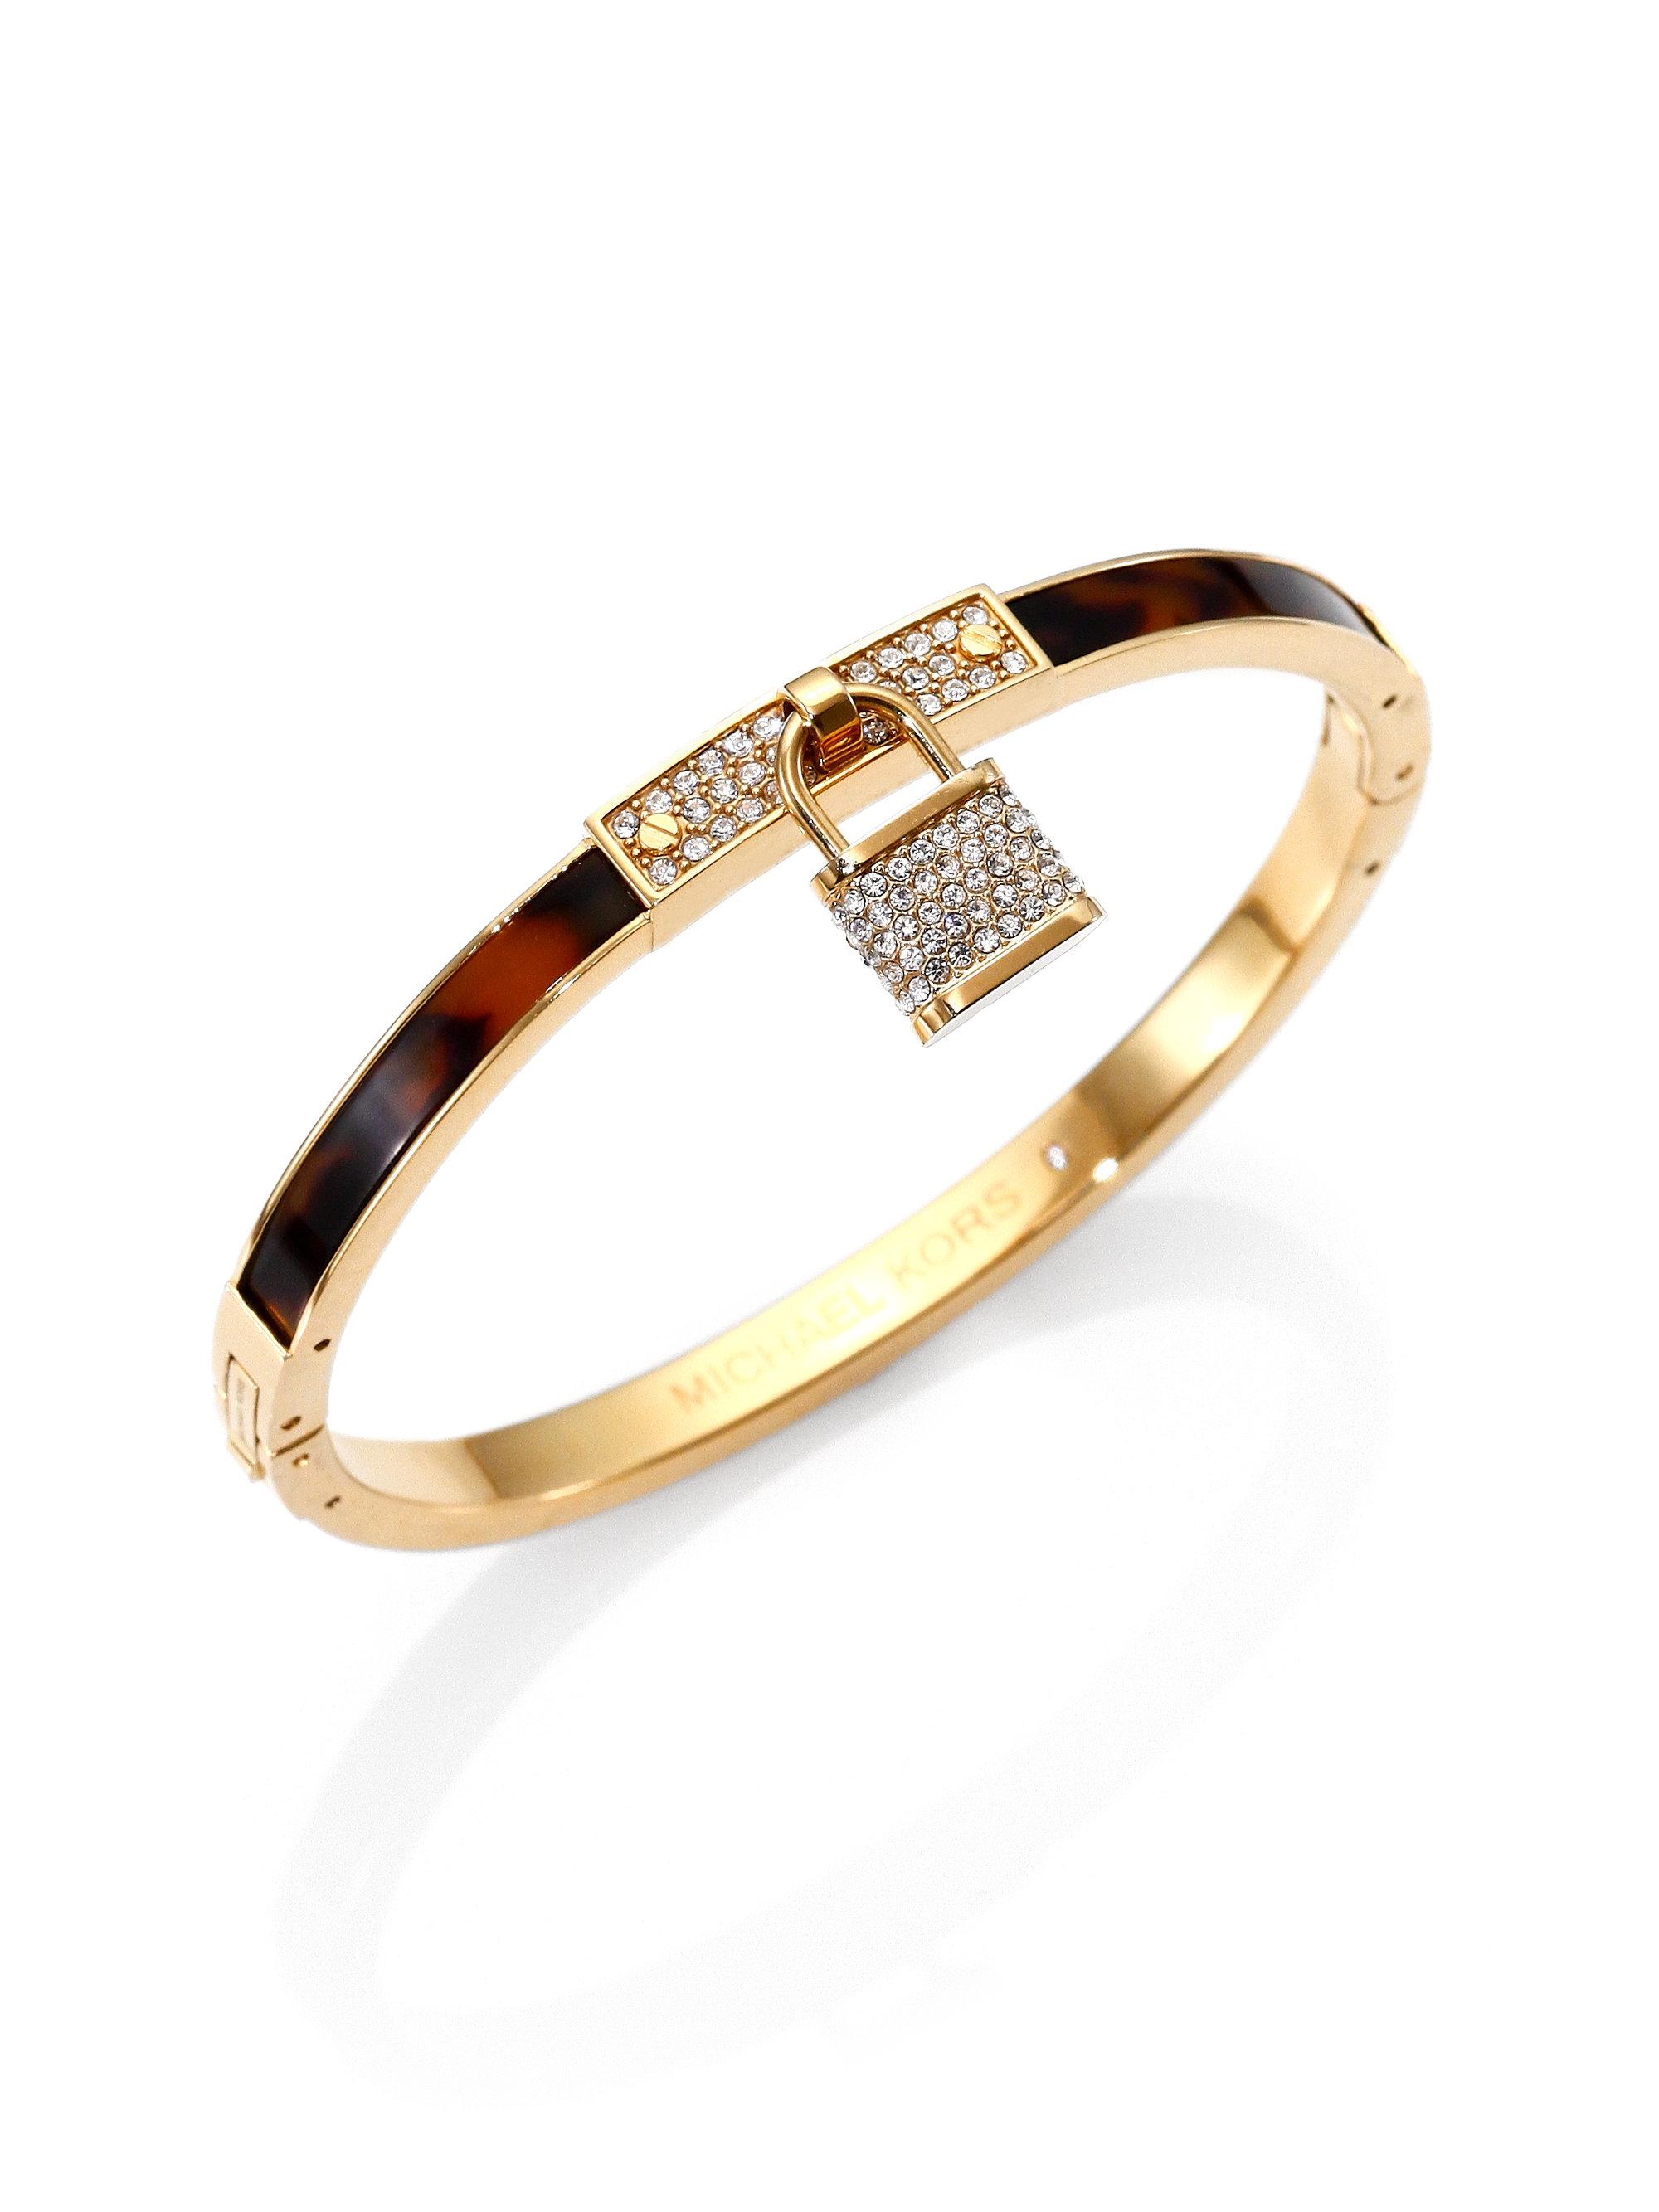 Michael Kors Padlock Bead Rose Golden Bracelets